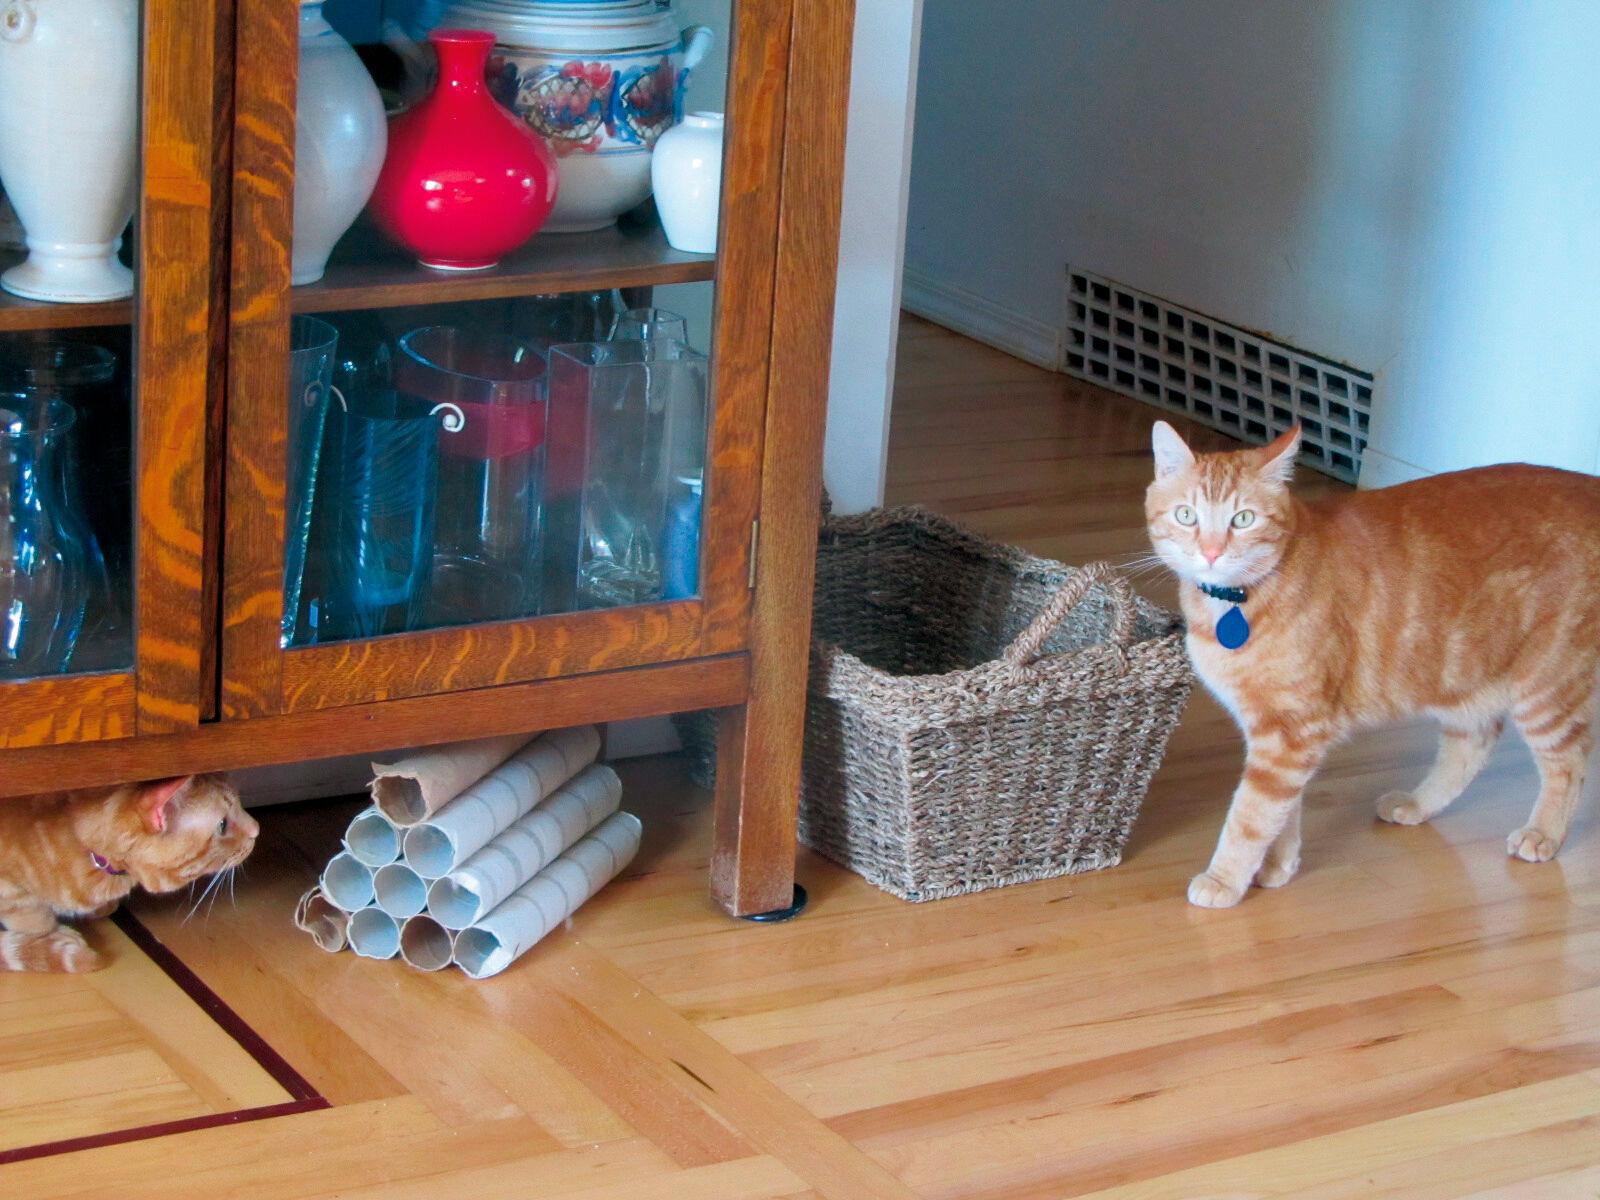 Figure 3. L'auto-dissimulation est un comportement adaptatif essentiel chez le chat. Dans les foyers où cohabitent plusieurs chats, il est essentiel qu'aucun animal ne se sente jamais piégé.